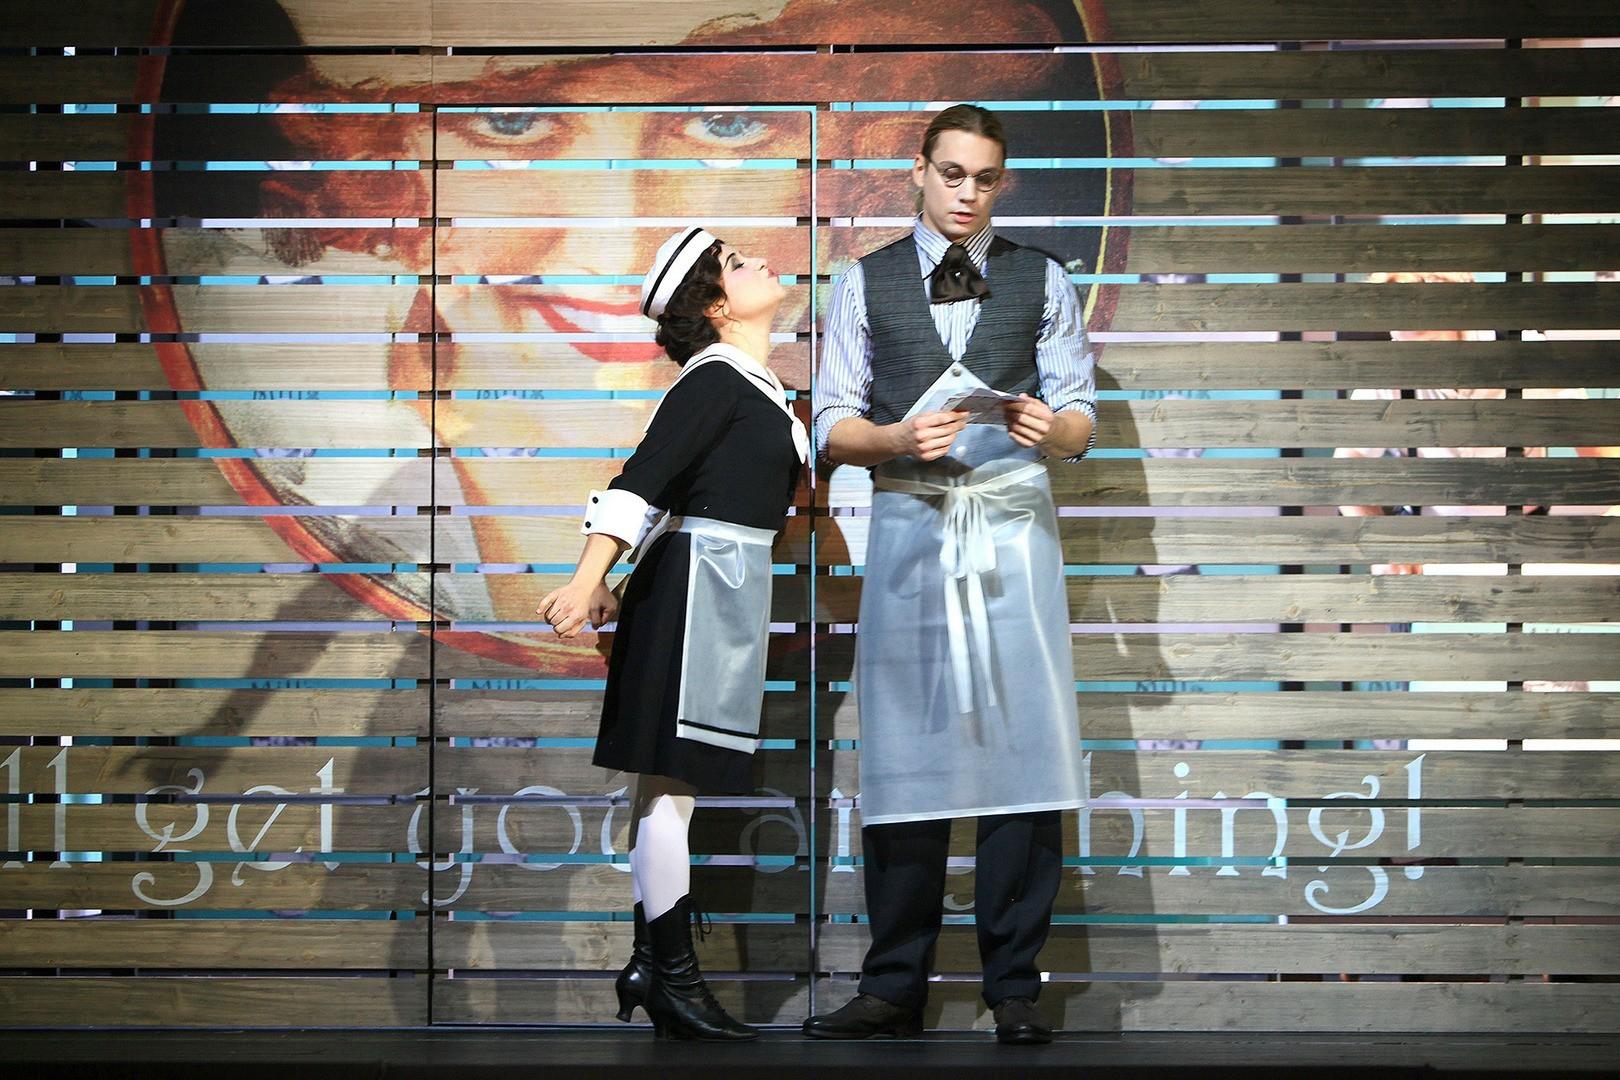 Cambiale-di-matrimonio-Opera-directed-by-Jacopo-Spirei-2